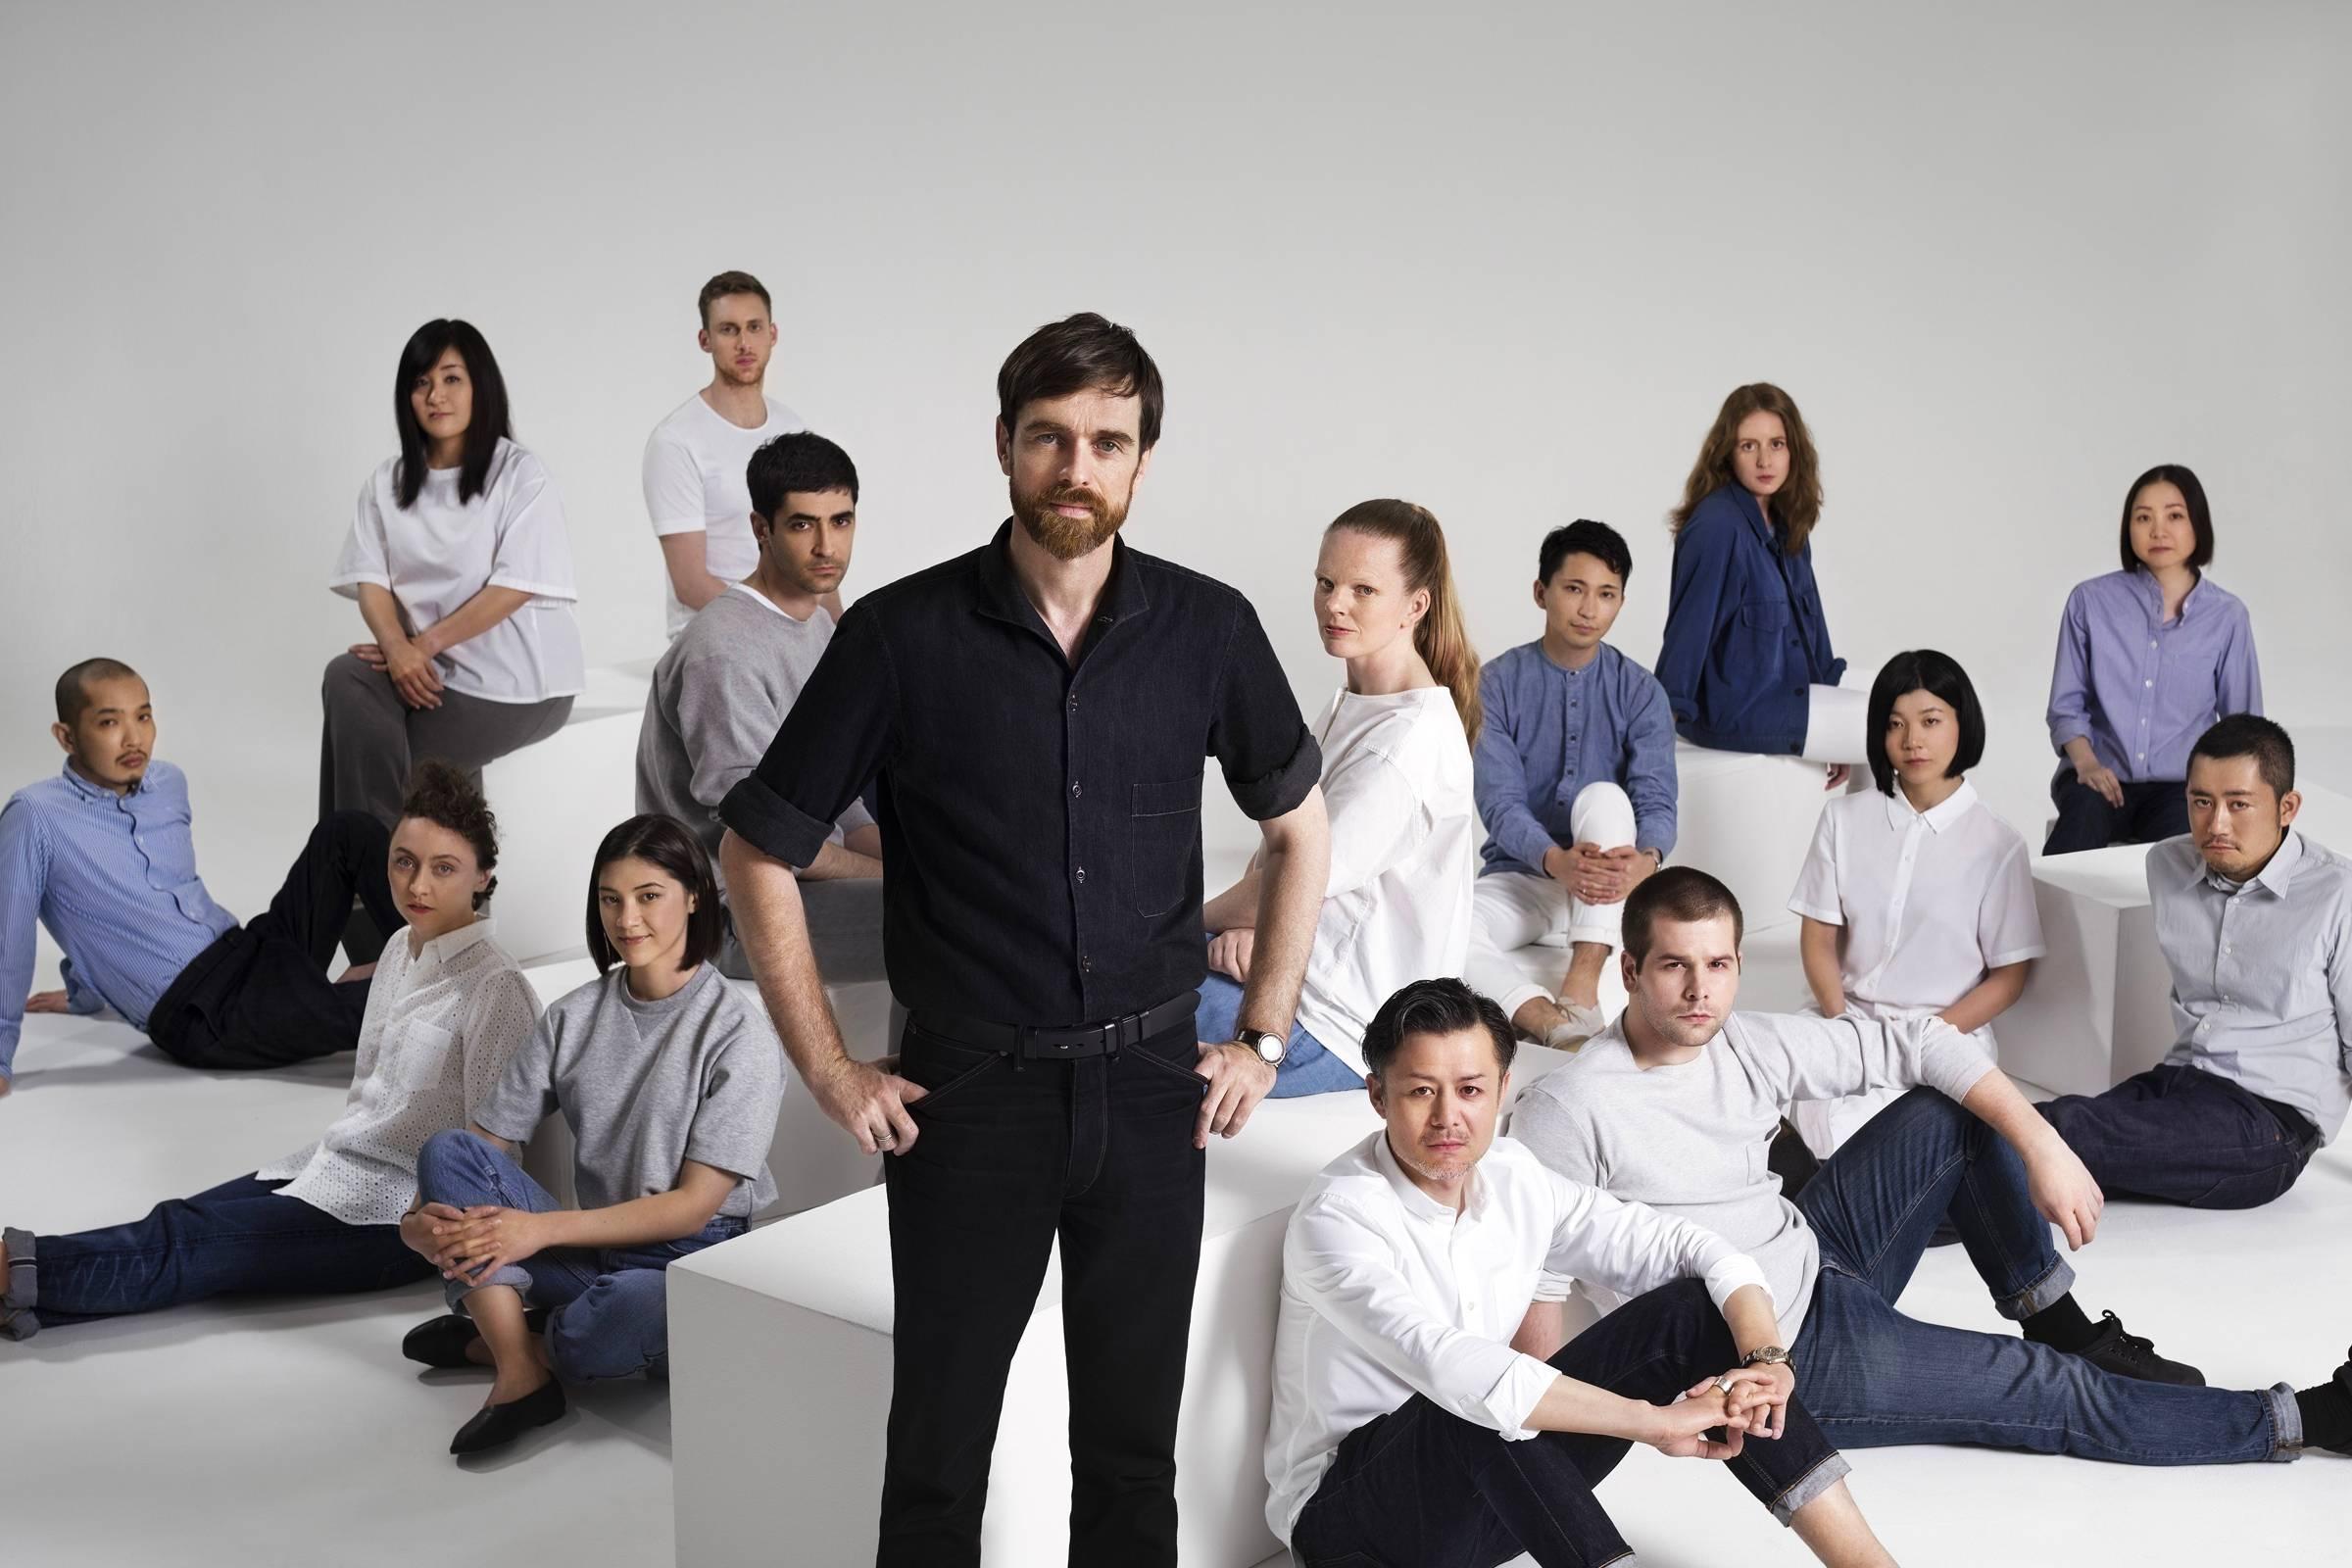 Кристоф Лемер (в центре), нынешний креативный директор парижского исследовательско-проектного центра Uniqlo R&D и линии Uniqlo U.